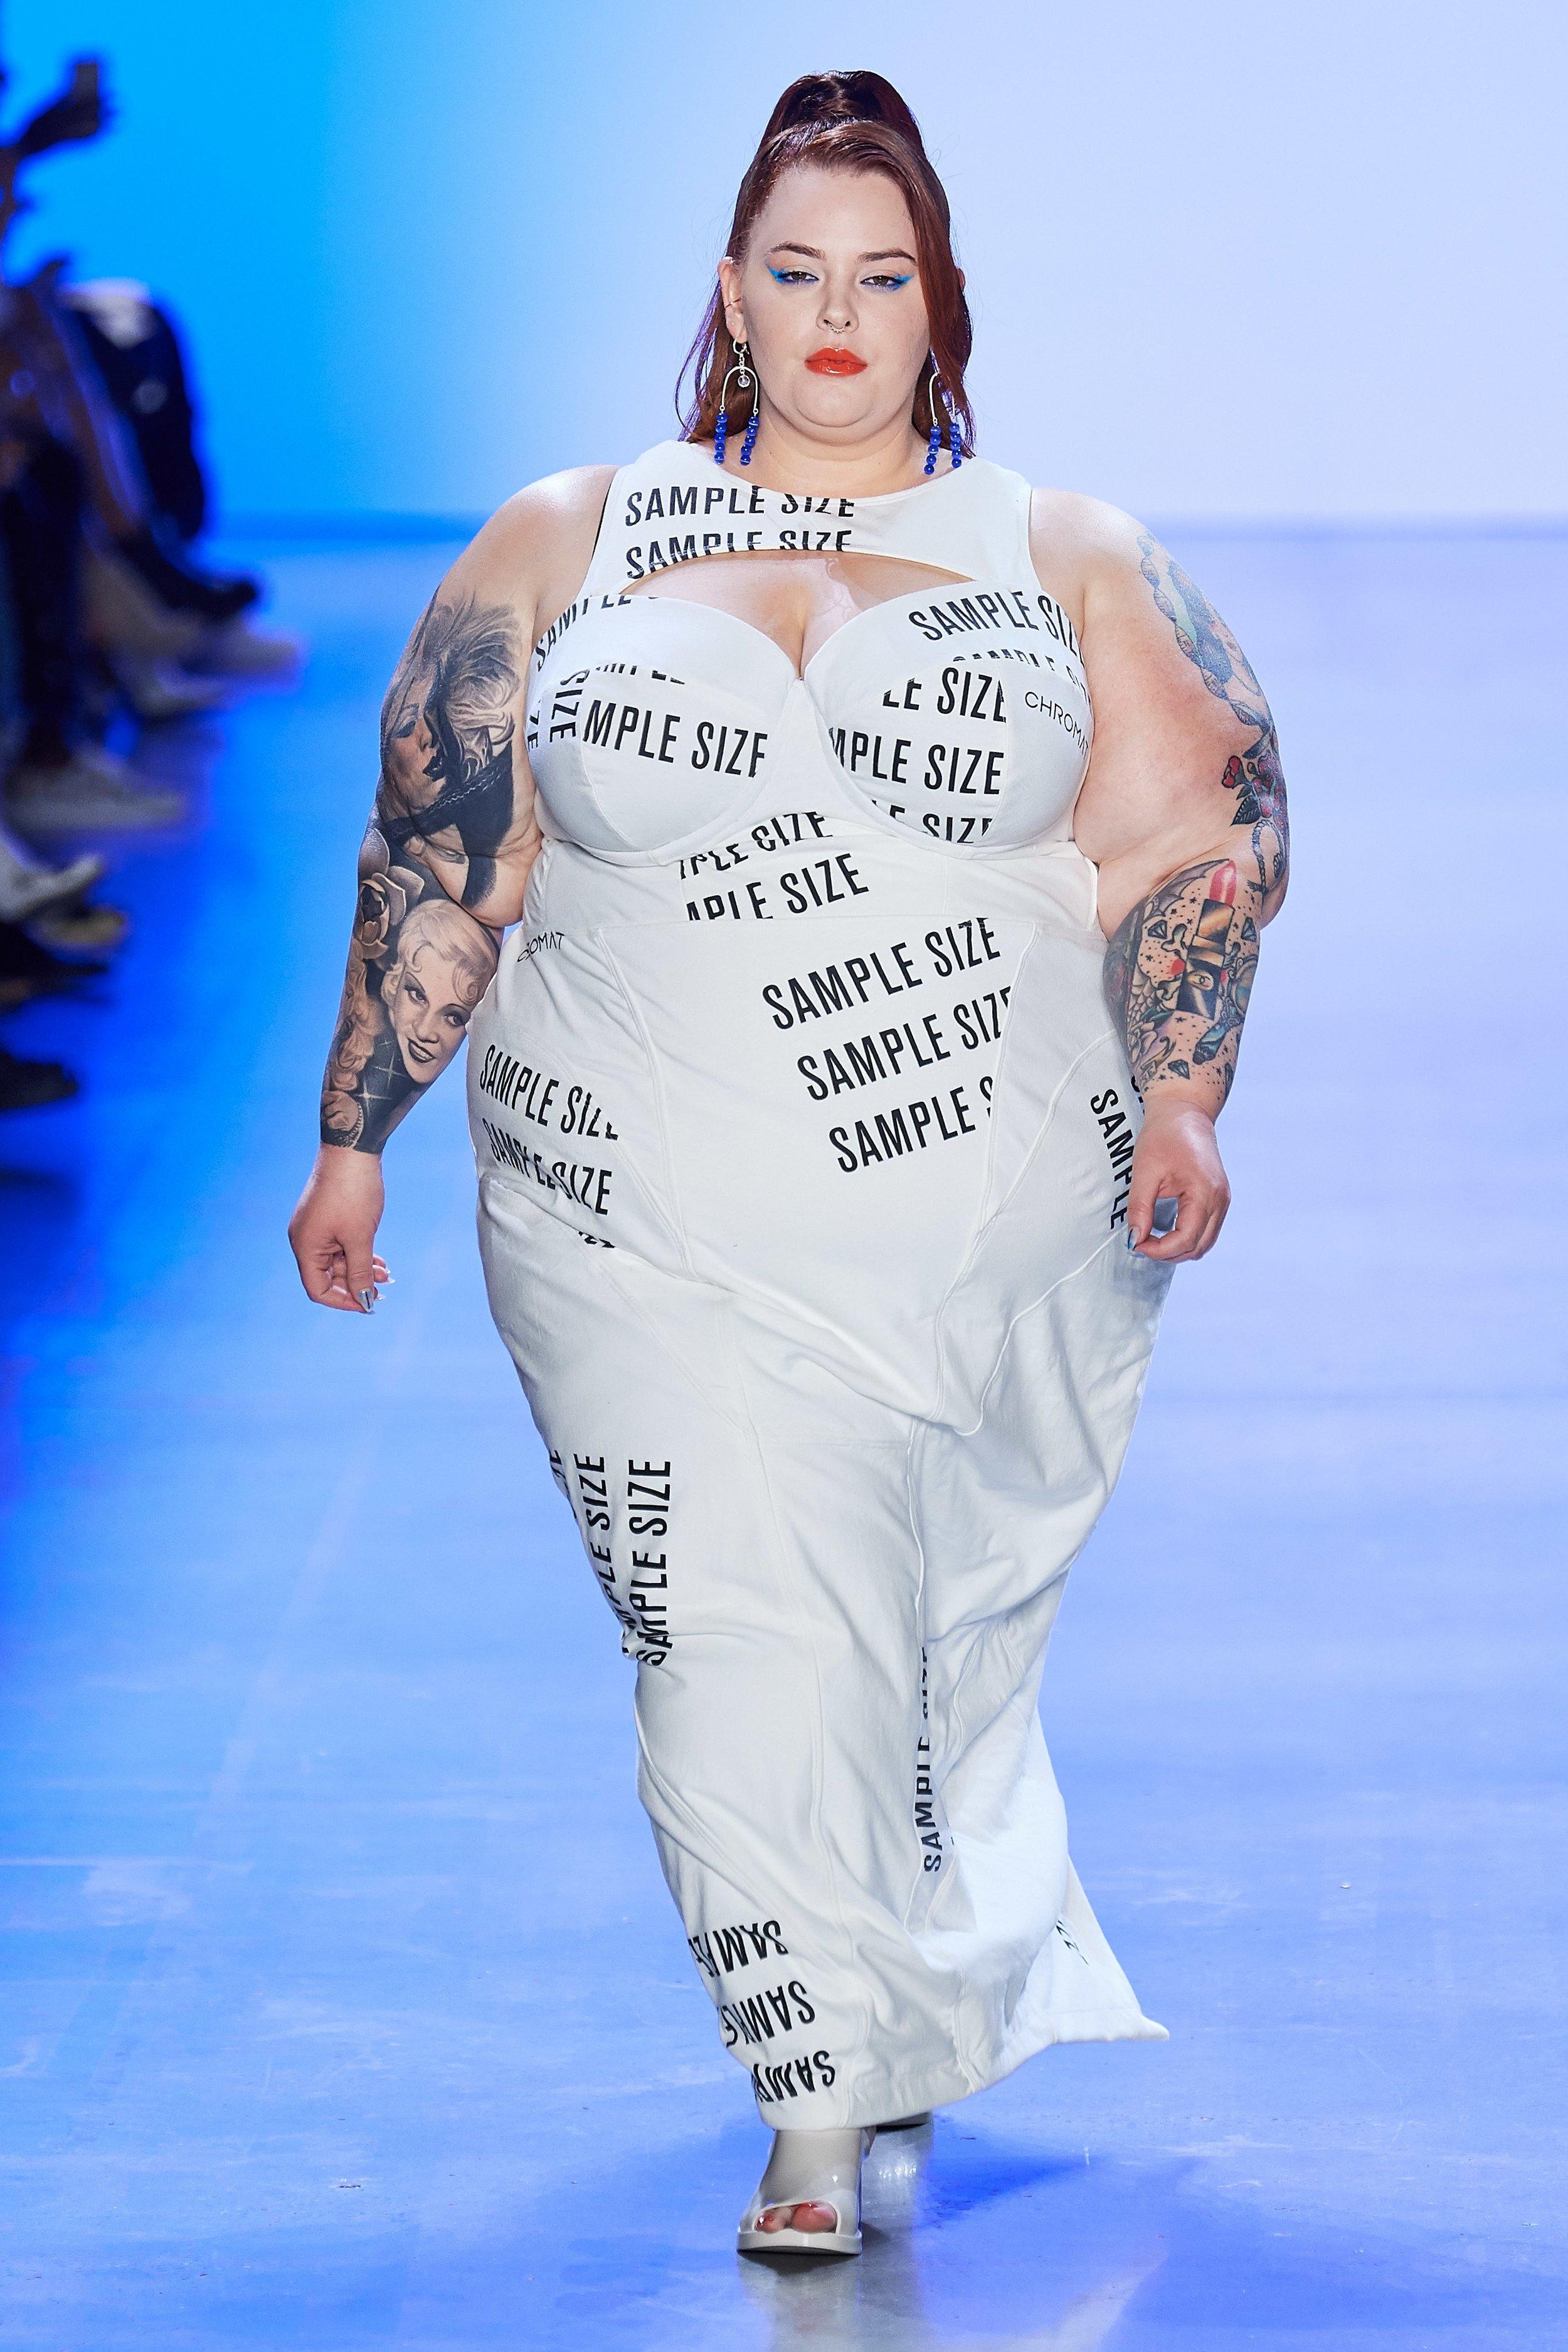 Chromat - O sample size é tipo a peça piloto, geralmente produzida num tamanho pequeno. O vestido usado por Tess Holliday, que é atriz, modelo e ativista do body positive, é irônico, uma crítica bem humorada à indústria que ainda discrimina o corpo gordo